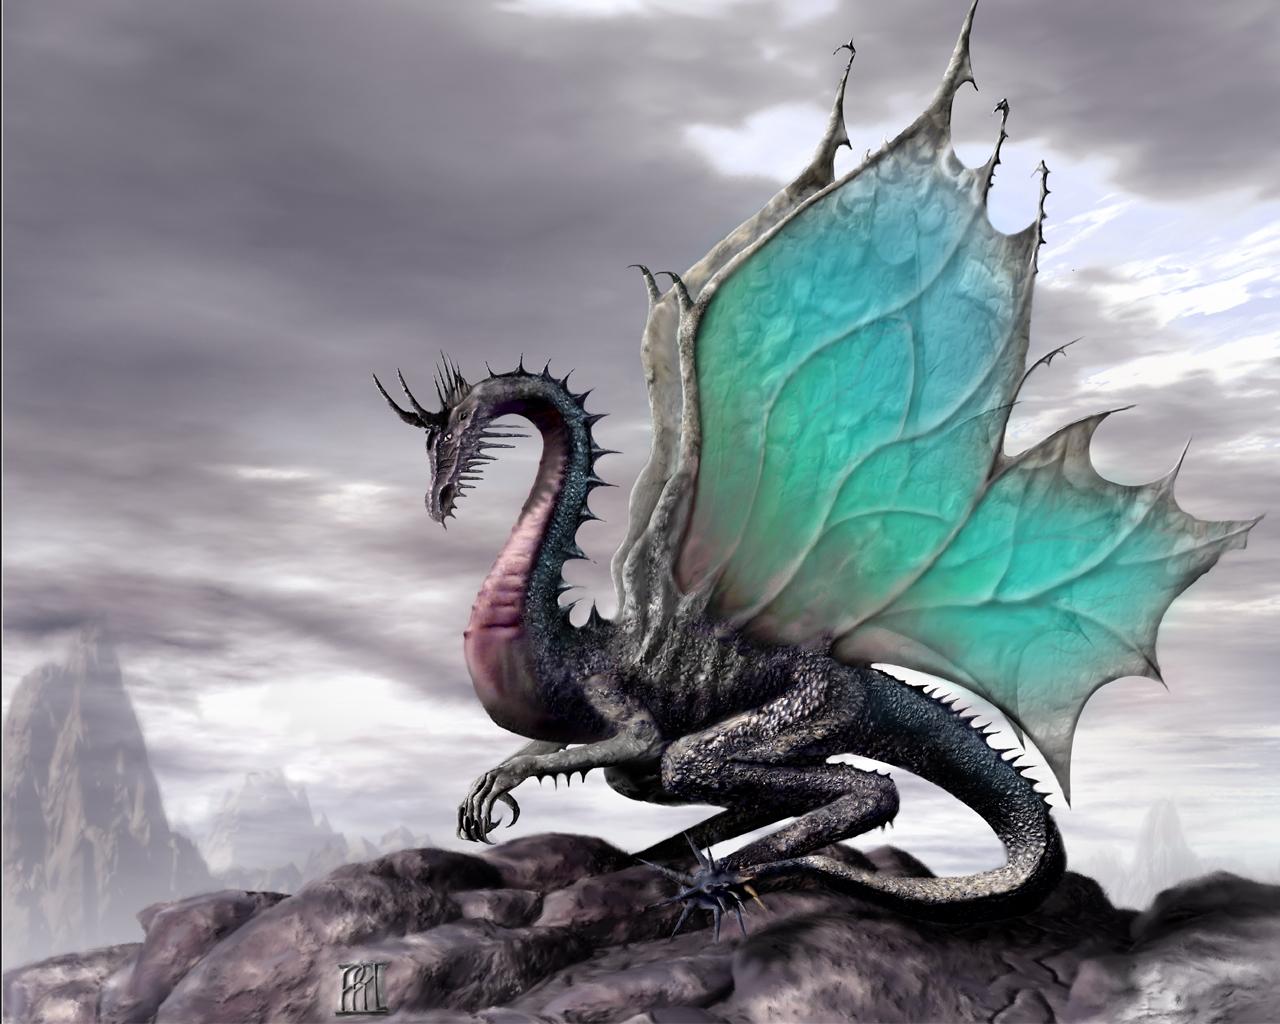 http://3.bp.blogspot.com/-Yev6ZxaJmZc/ThhgJqXKVaI/AAAAAAAAAaI/bOIU5fY-Xbc/s1600/Dragon+azul.jpg